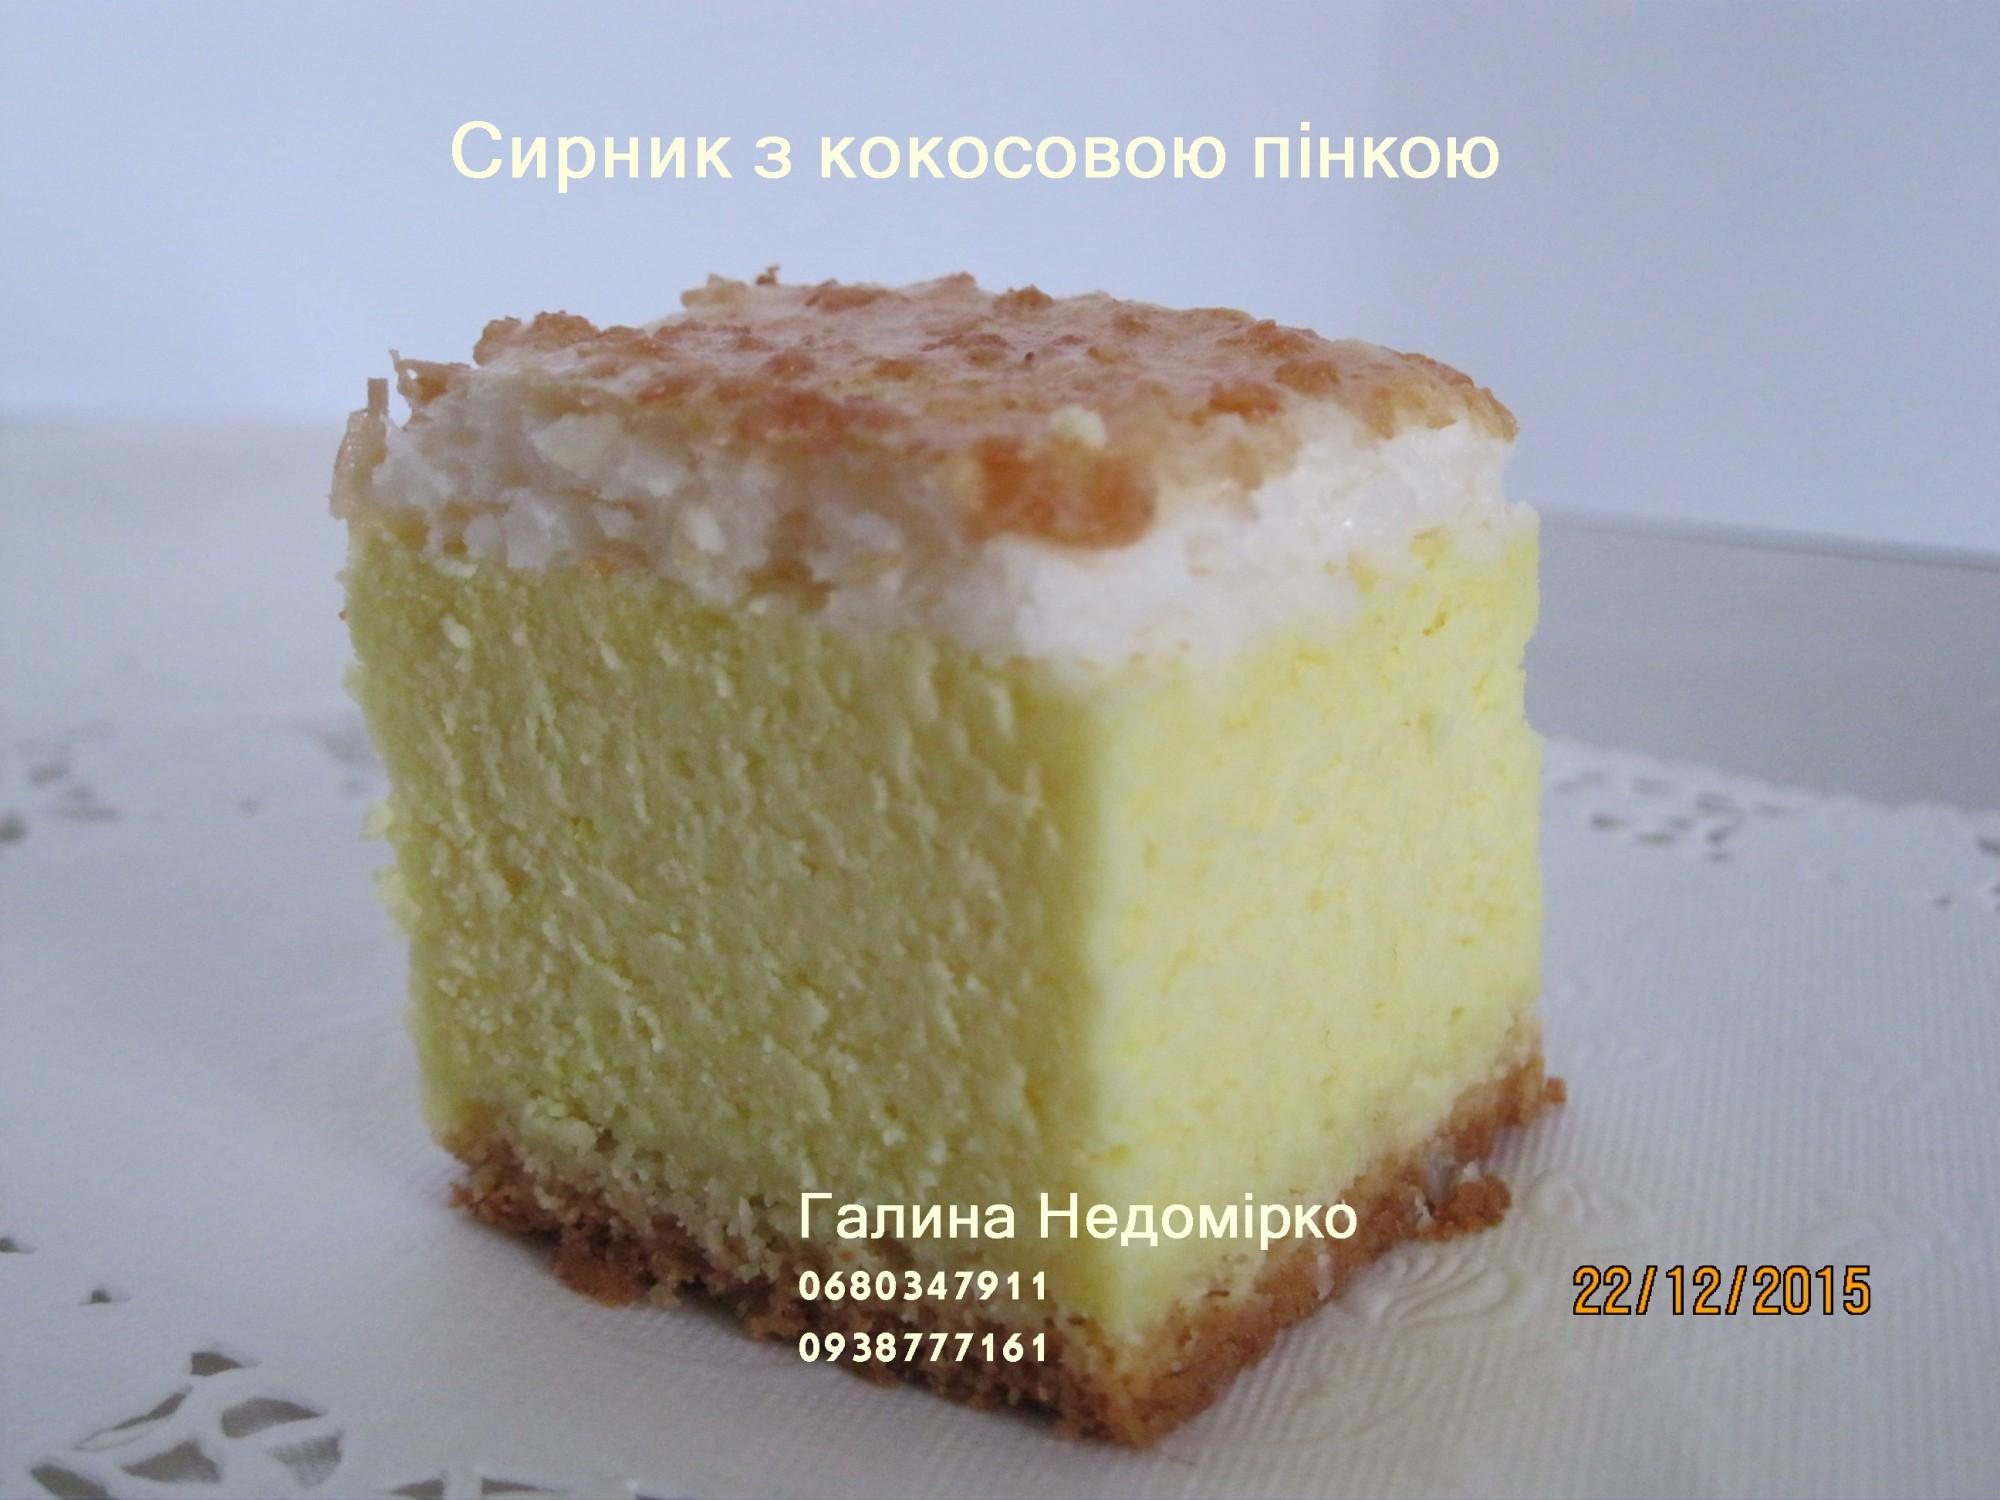 пляцок сирник рецепти з фото